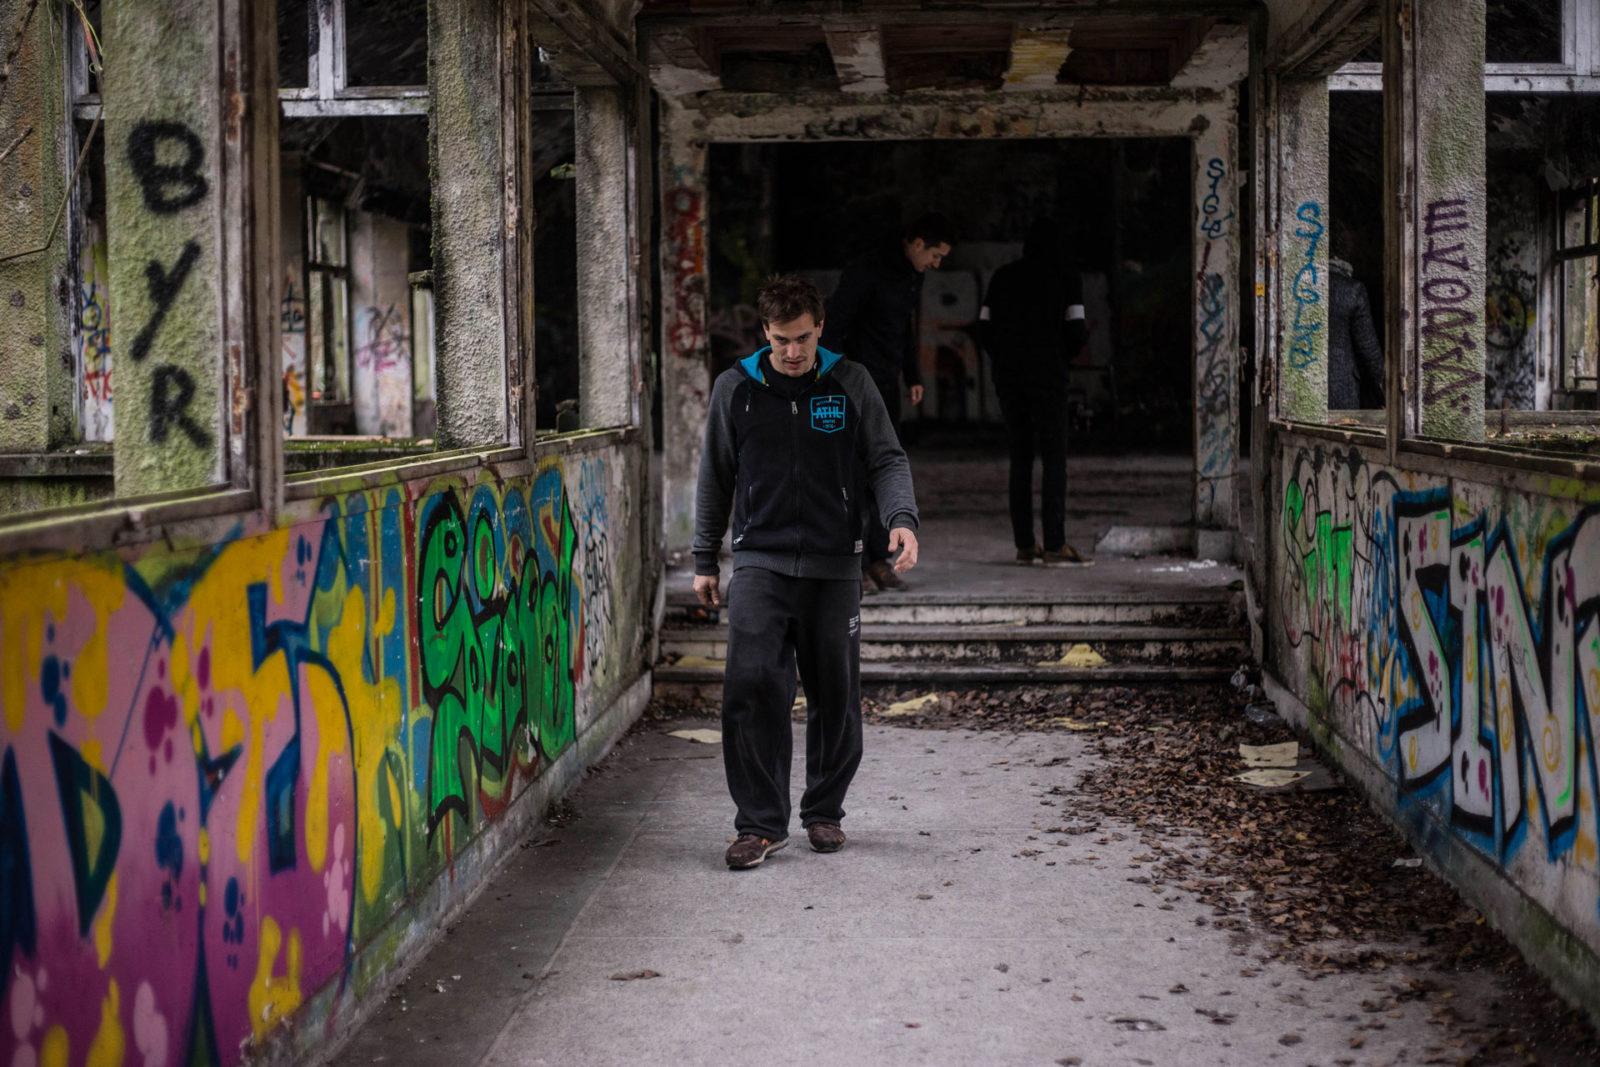 IMG5627 - Urbex x Parkour : visite acrobatique d'un sanatorium abandonné